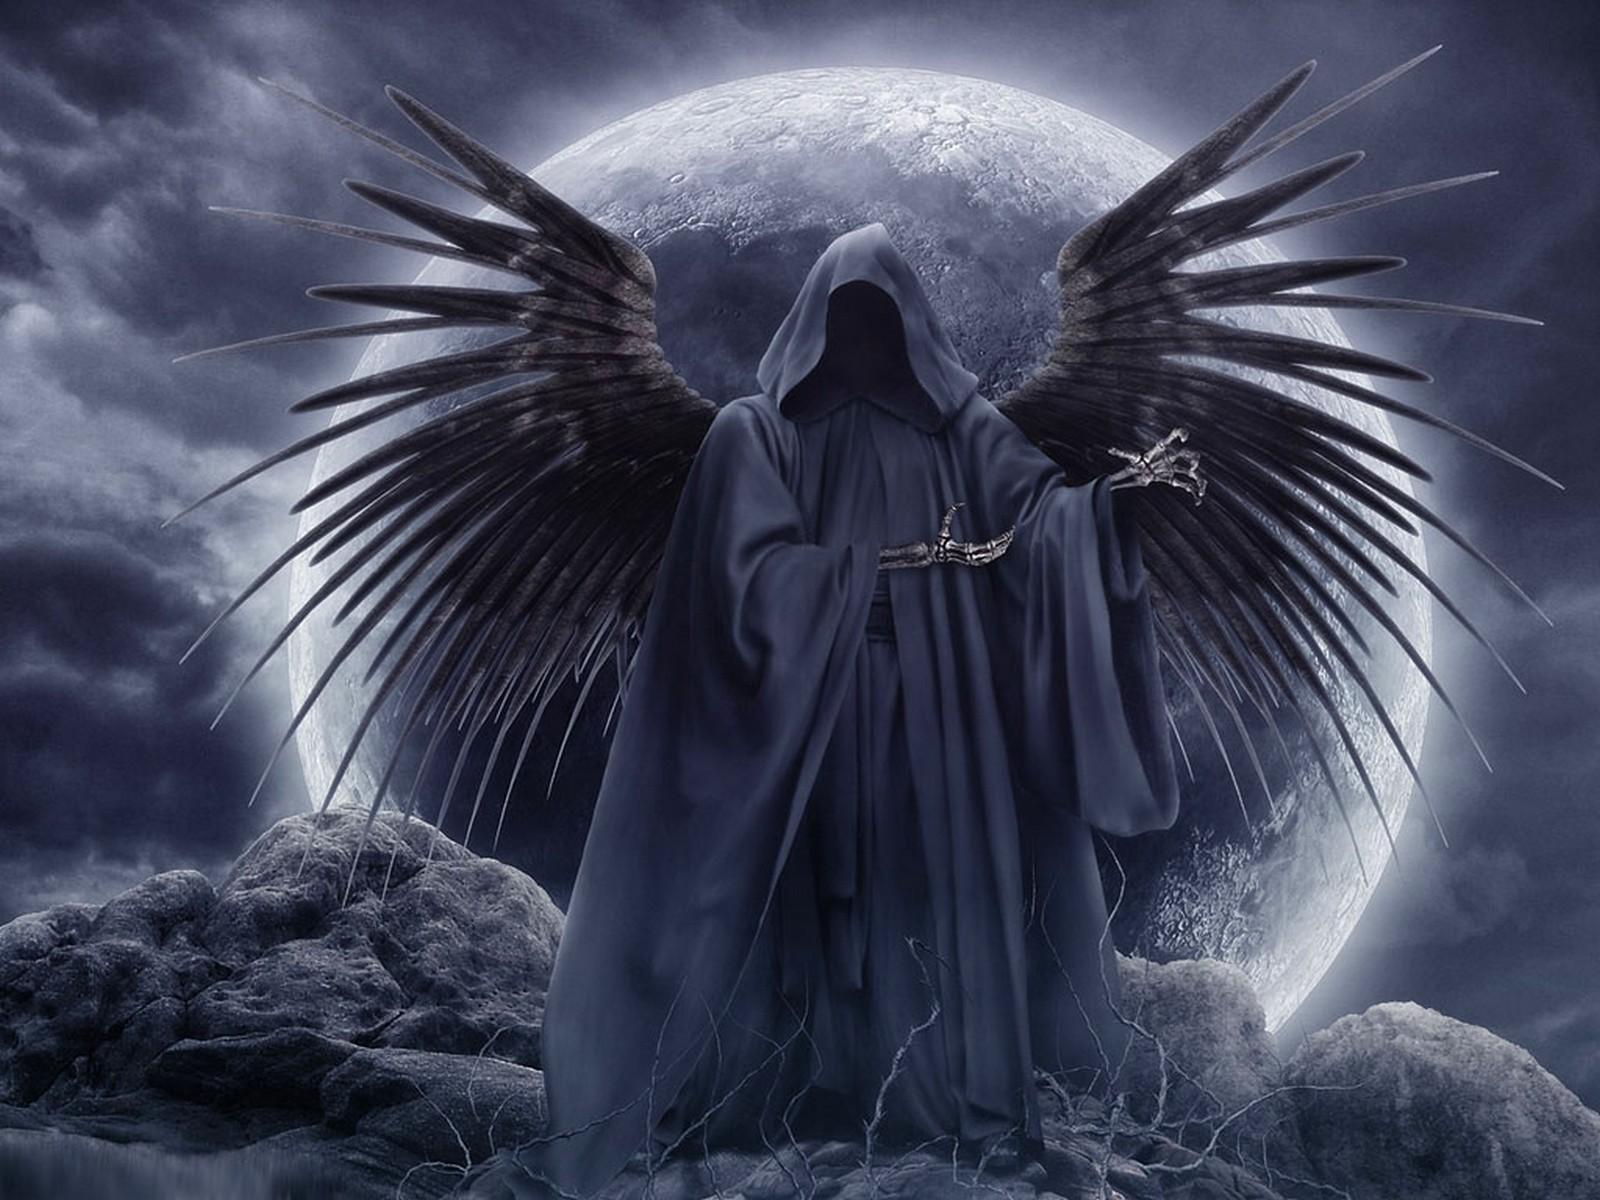 https://2.bp.blogspot.com/-ltY5-_Wdij8/UEn9PQm_9eI/AAAAAAAAAik/RdBhY9t5Yoc/s1600/Anime+Angel+Of+Death+Wallpaper+%288%29.jpg